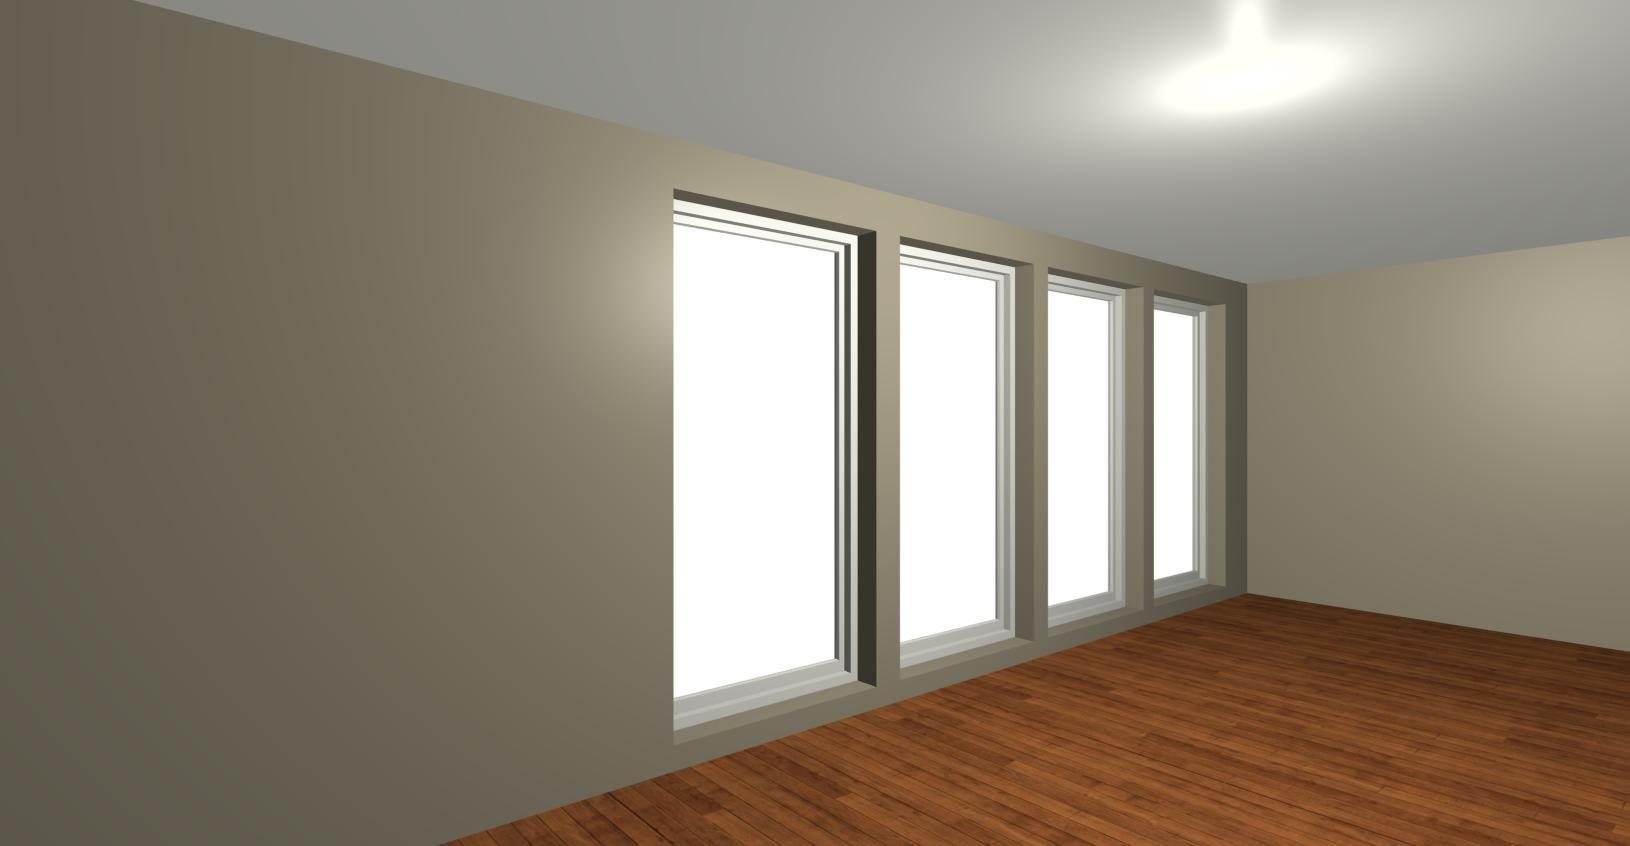 Trimless Windows Interior Windows Bungalow Interiors Interior